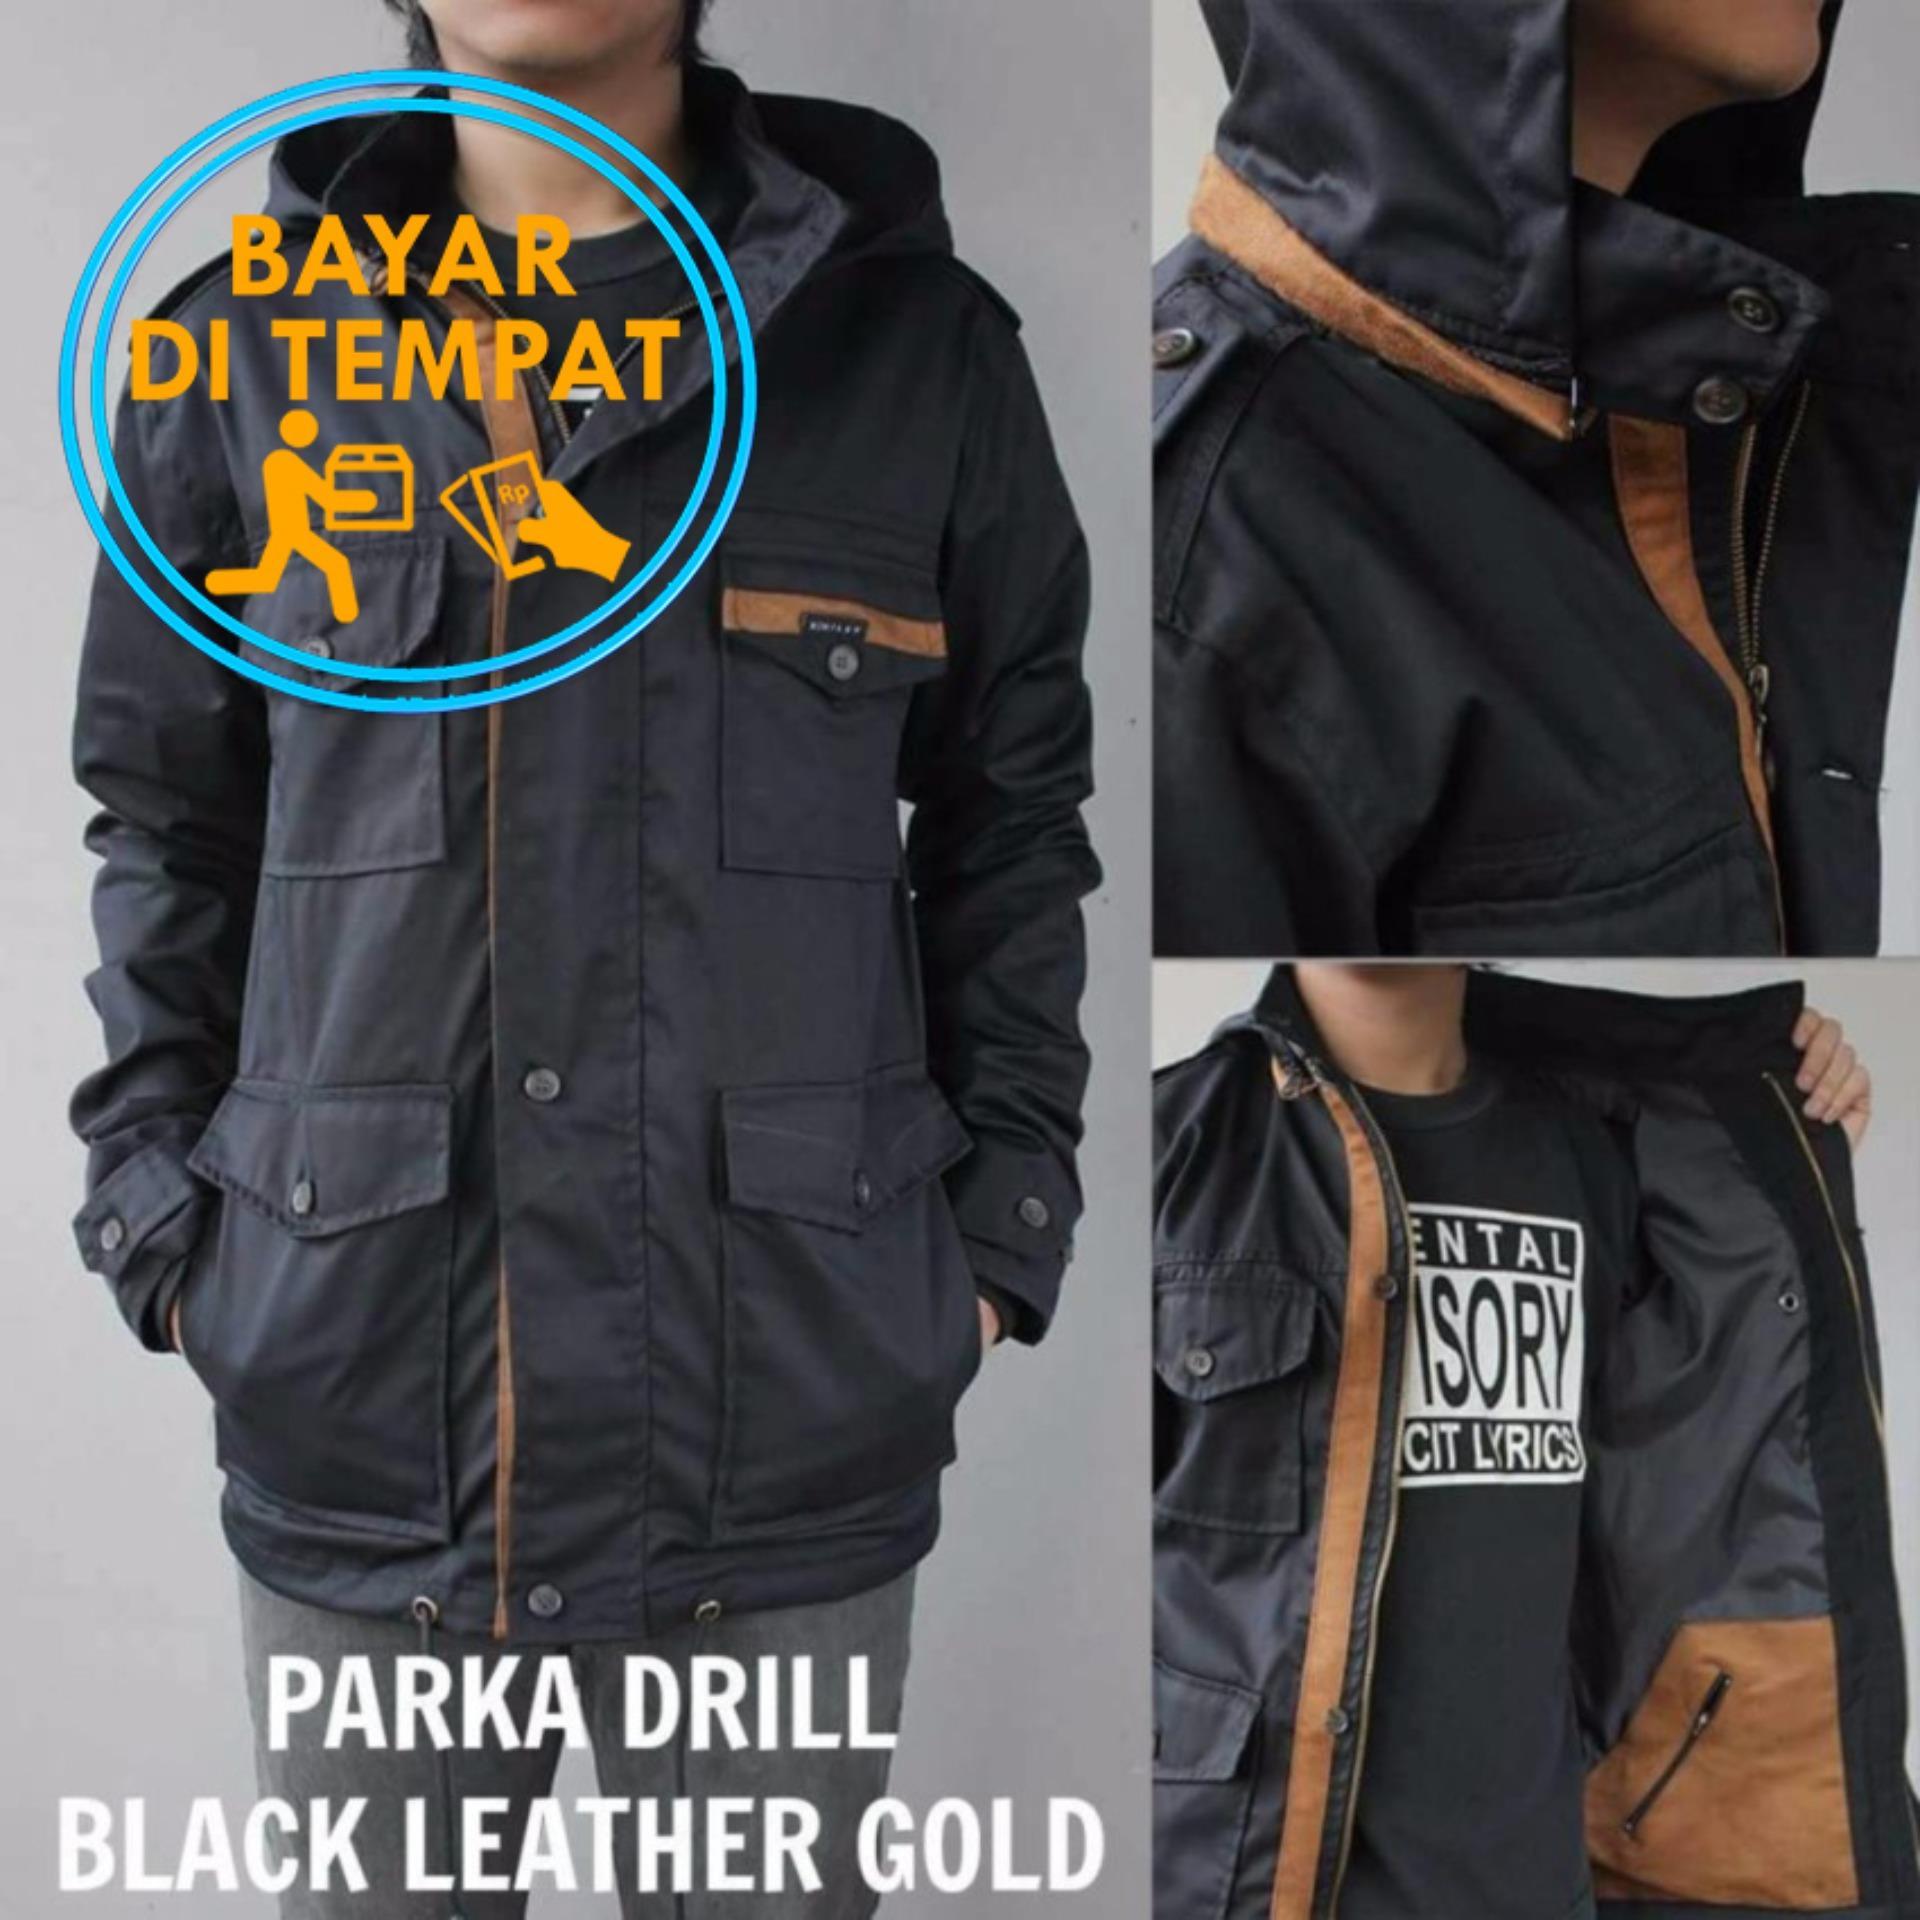 Jual Jaket Murah Parka Drill Pria Premium Black Tan Hitam Branded Murah